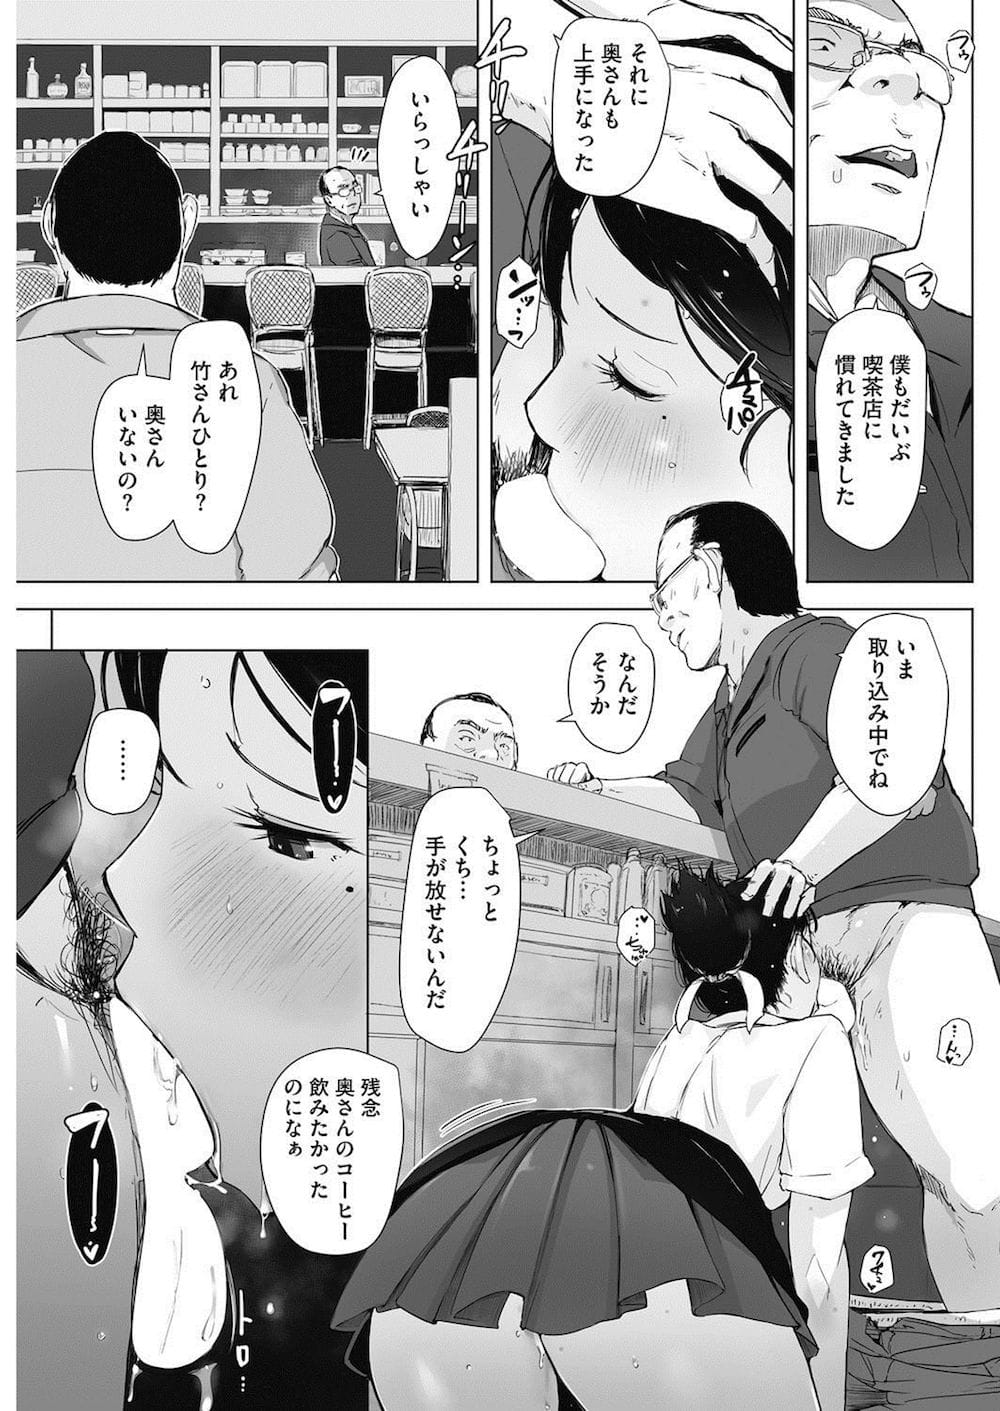 【エロ漫画】旦那が入院して一人で喫茶店を切り盛りする巨乳人妻!大家に家賃を待ってもらう代わりの接待NTRセックス!人妻目当ての客が来る中チンポを咥えさせる!【あらくれ】